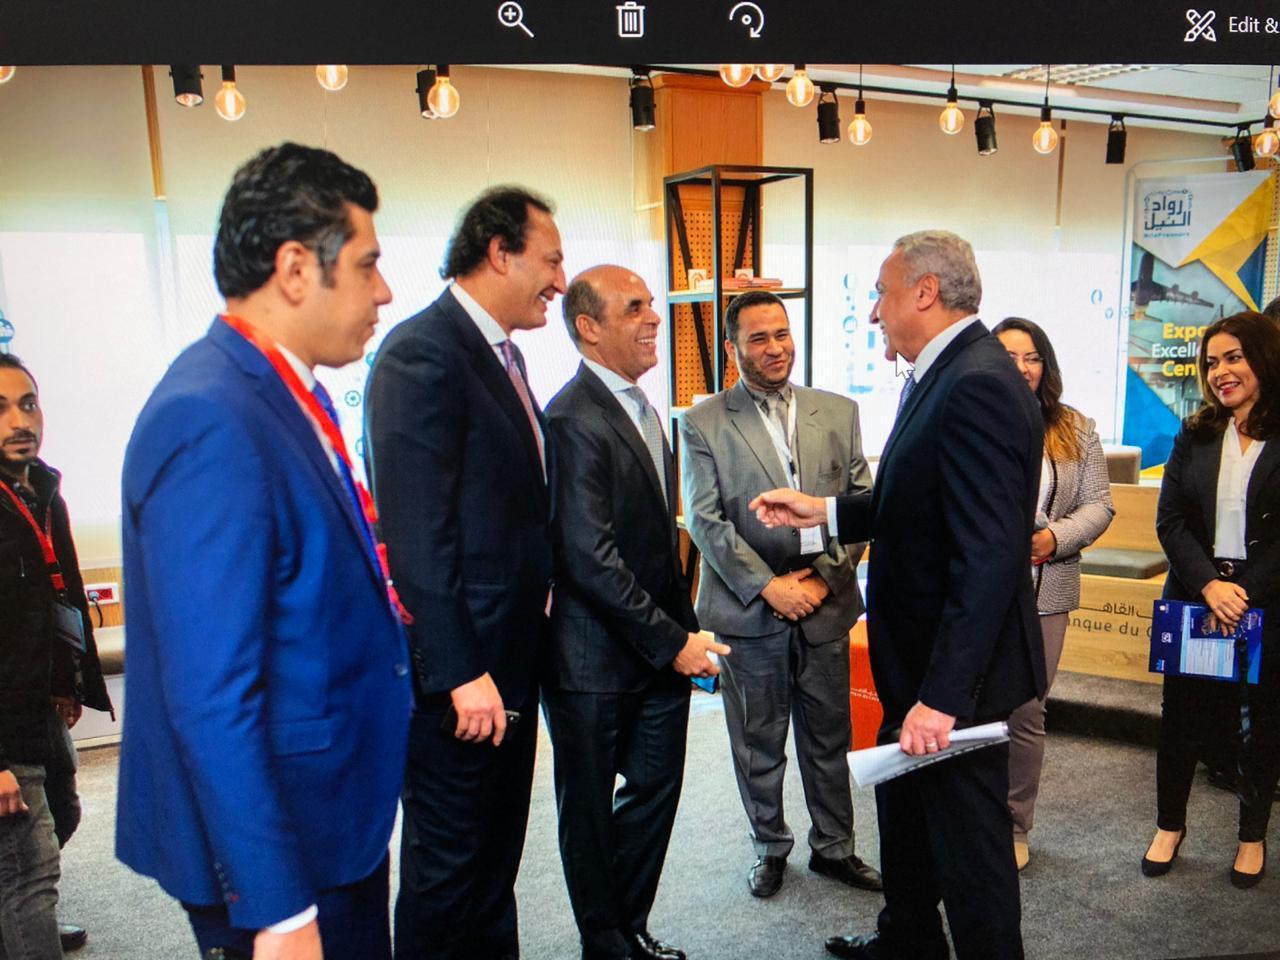 بنك القاهرة يشارك في فاعليات الاحتفال الأول لمبادرة رواد النيل لمرور عام كامل علي إطلاق المبادرة